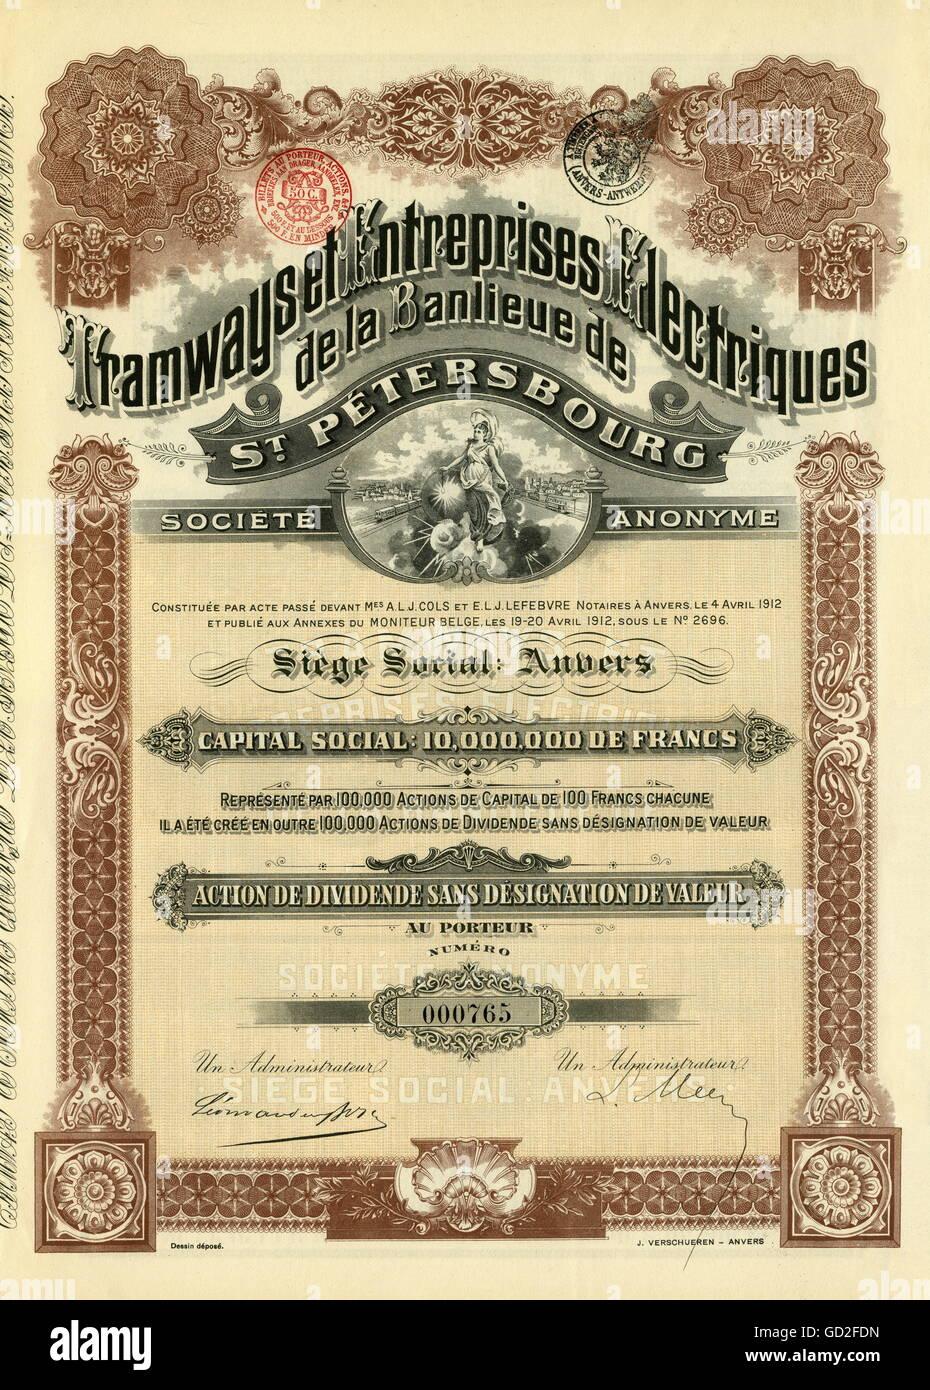 money / finances, share, share of the Tramways et Entreprises Electriques de la Banlieu de St. Petersbourg, Societe - Stock Image